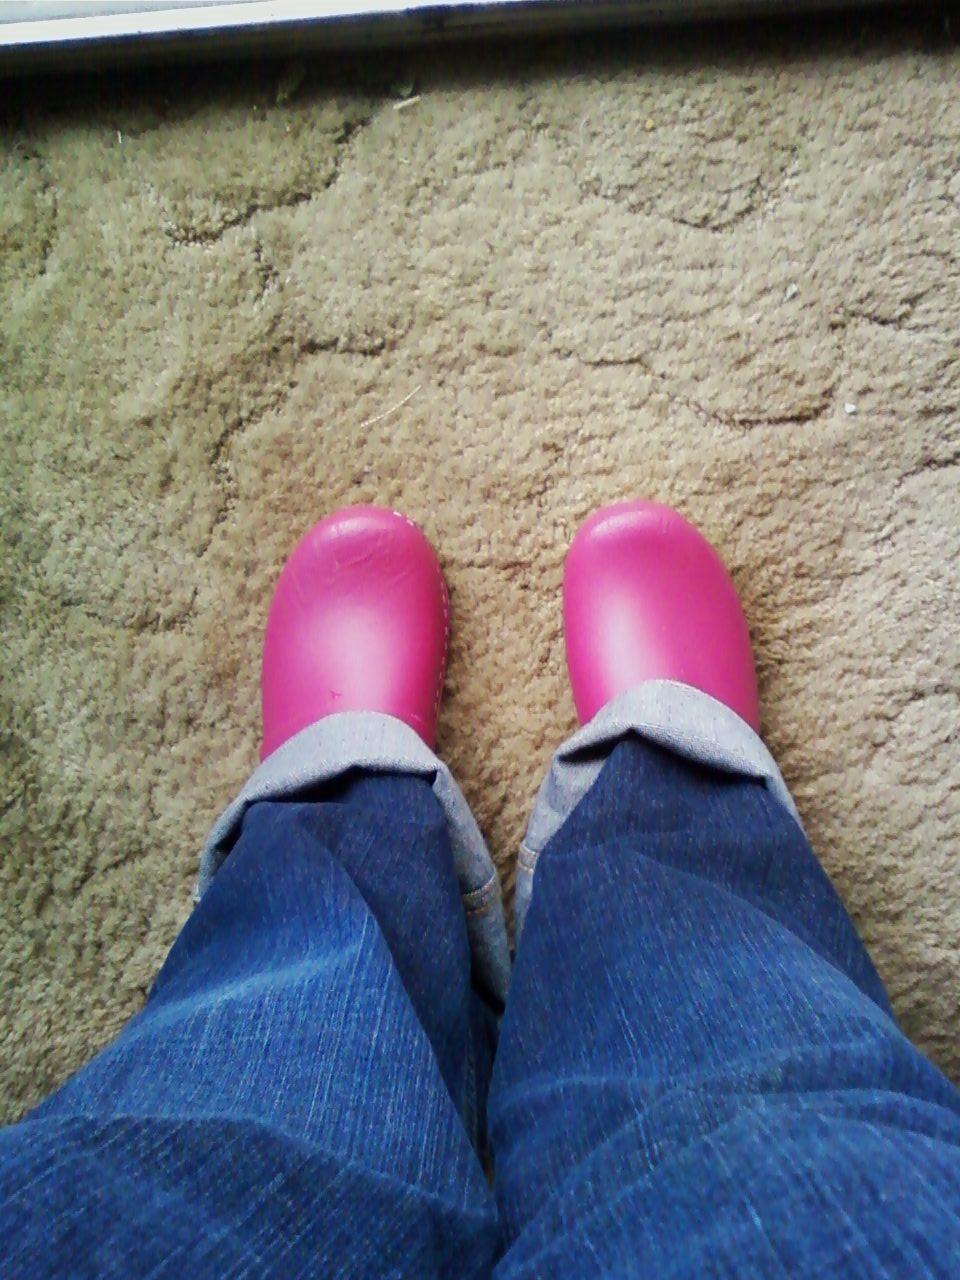 pink find paris hilton blowjob